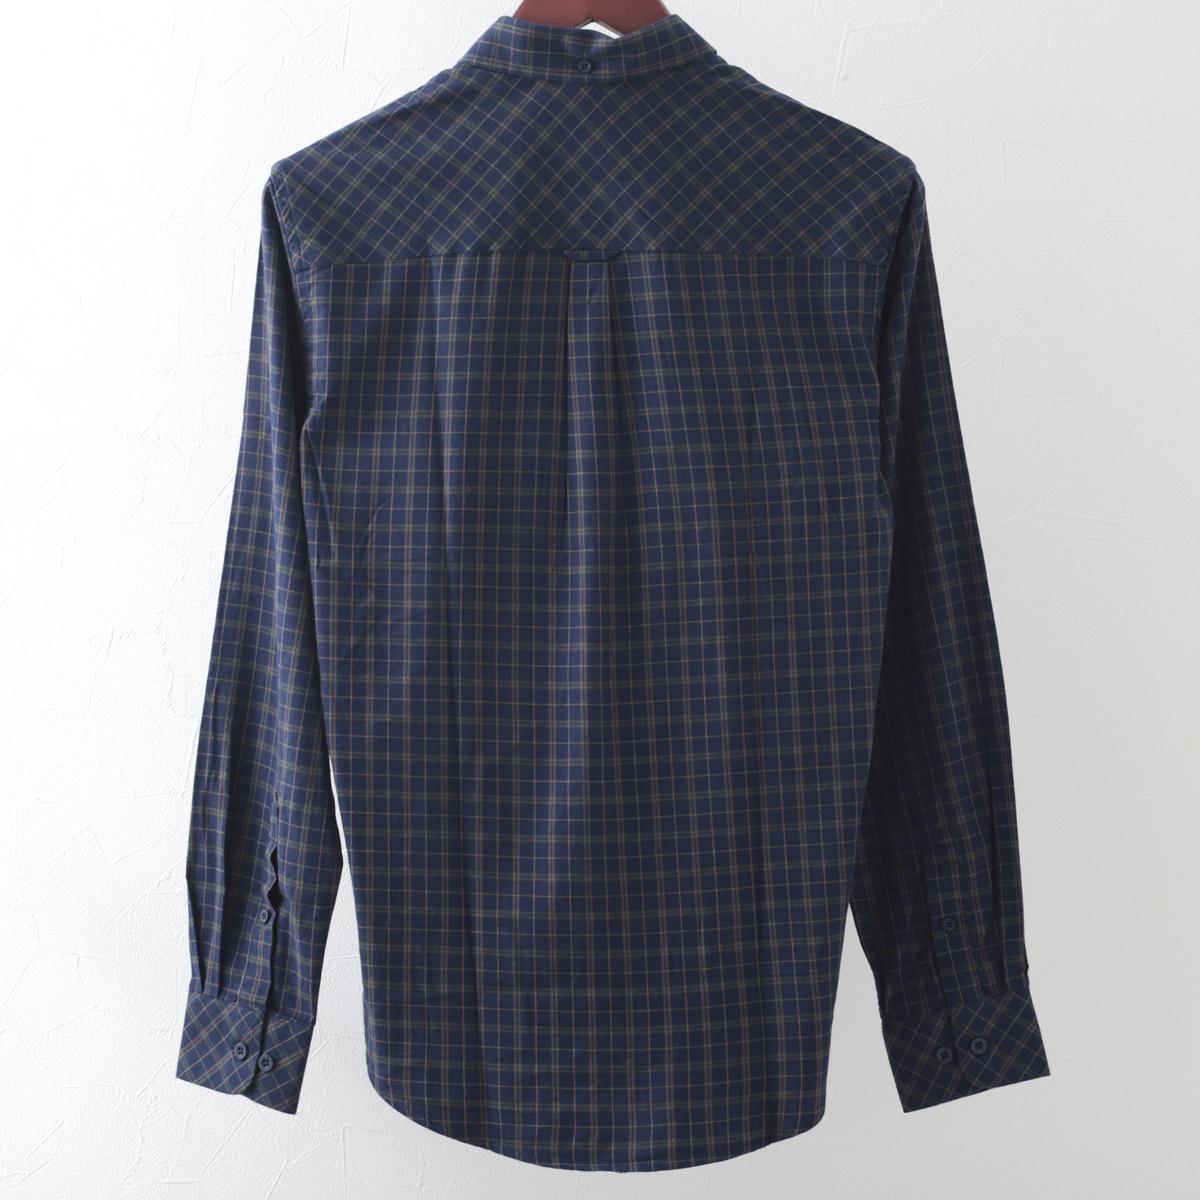 メルクロンドン メンズ フランネル チェックシャツ Merc London ボタンダウン カーキ レッド 2色 モッズファッション プレゼント ギフト